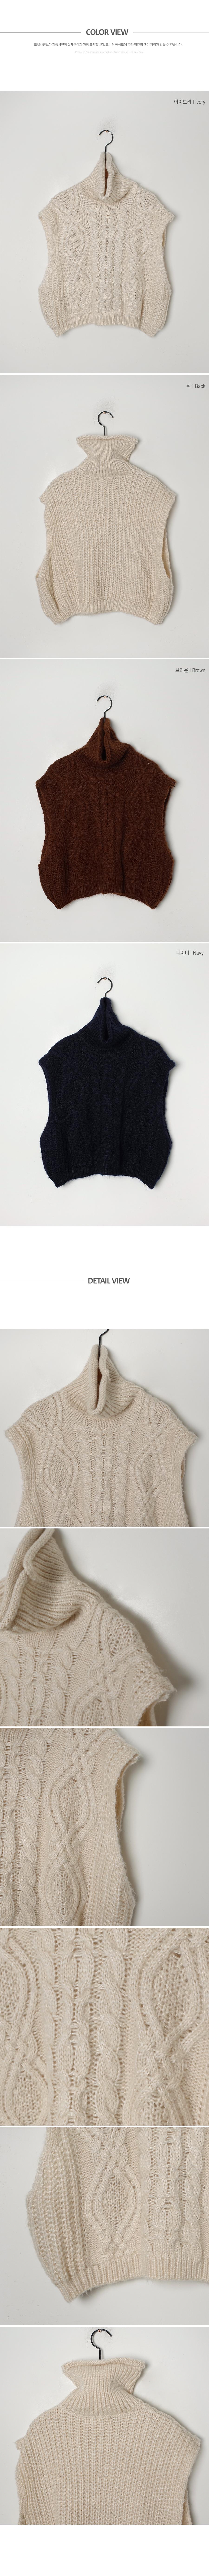 Dotomongle Tuddle Knit Vest